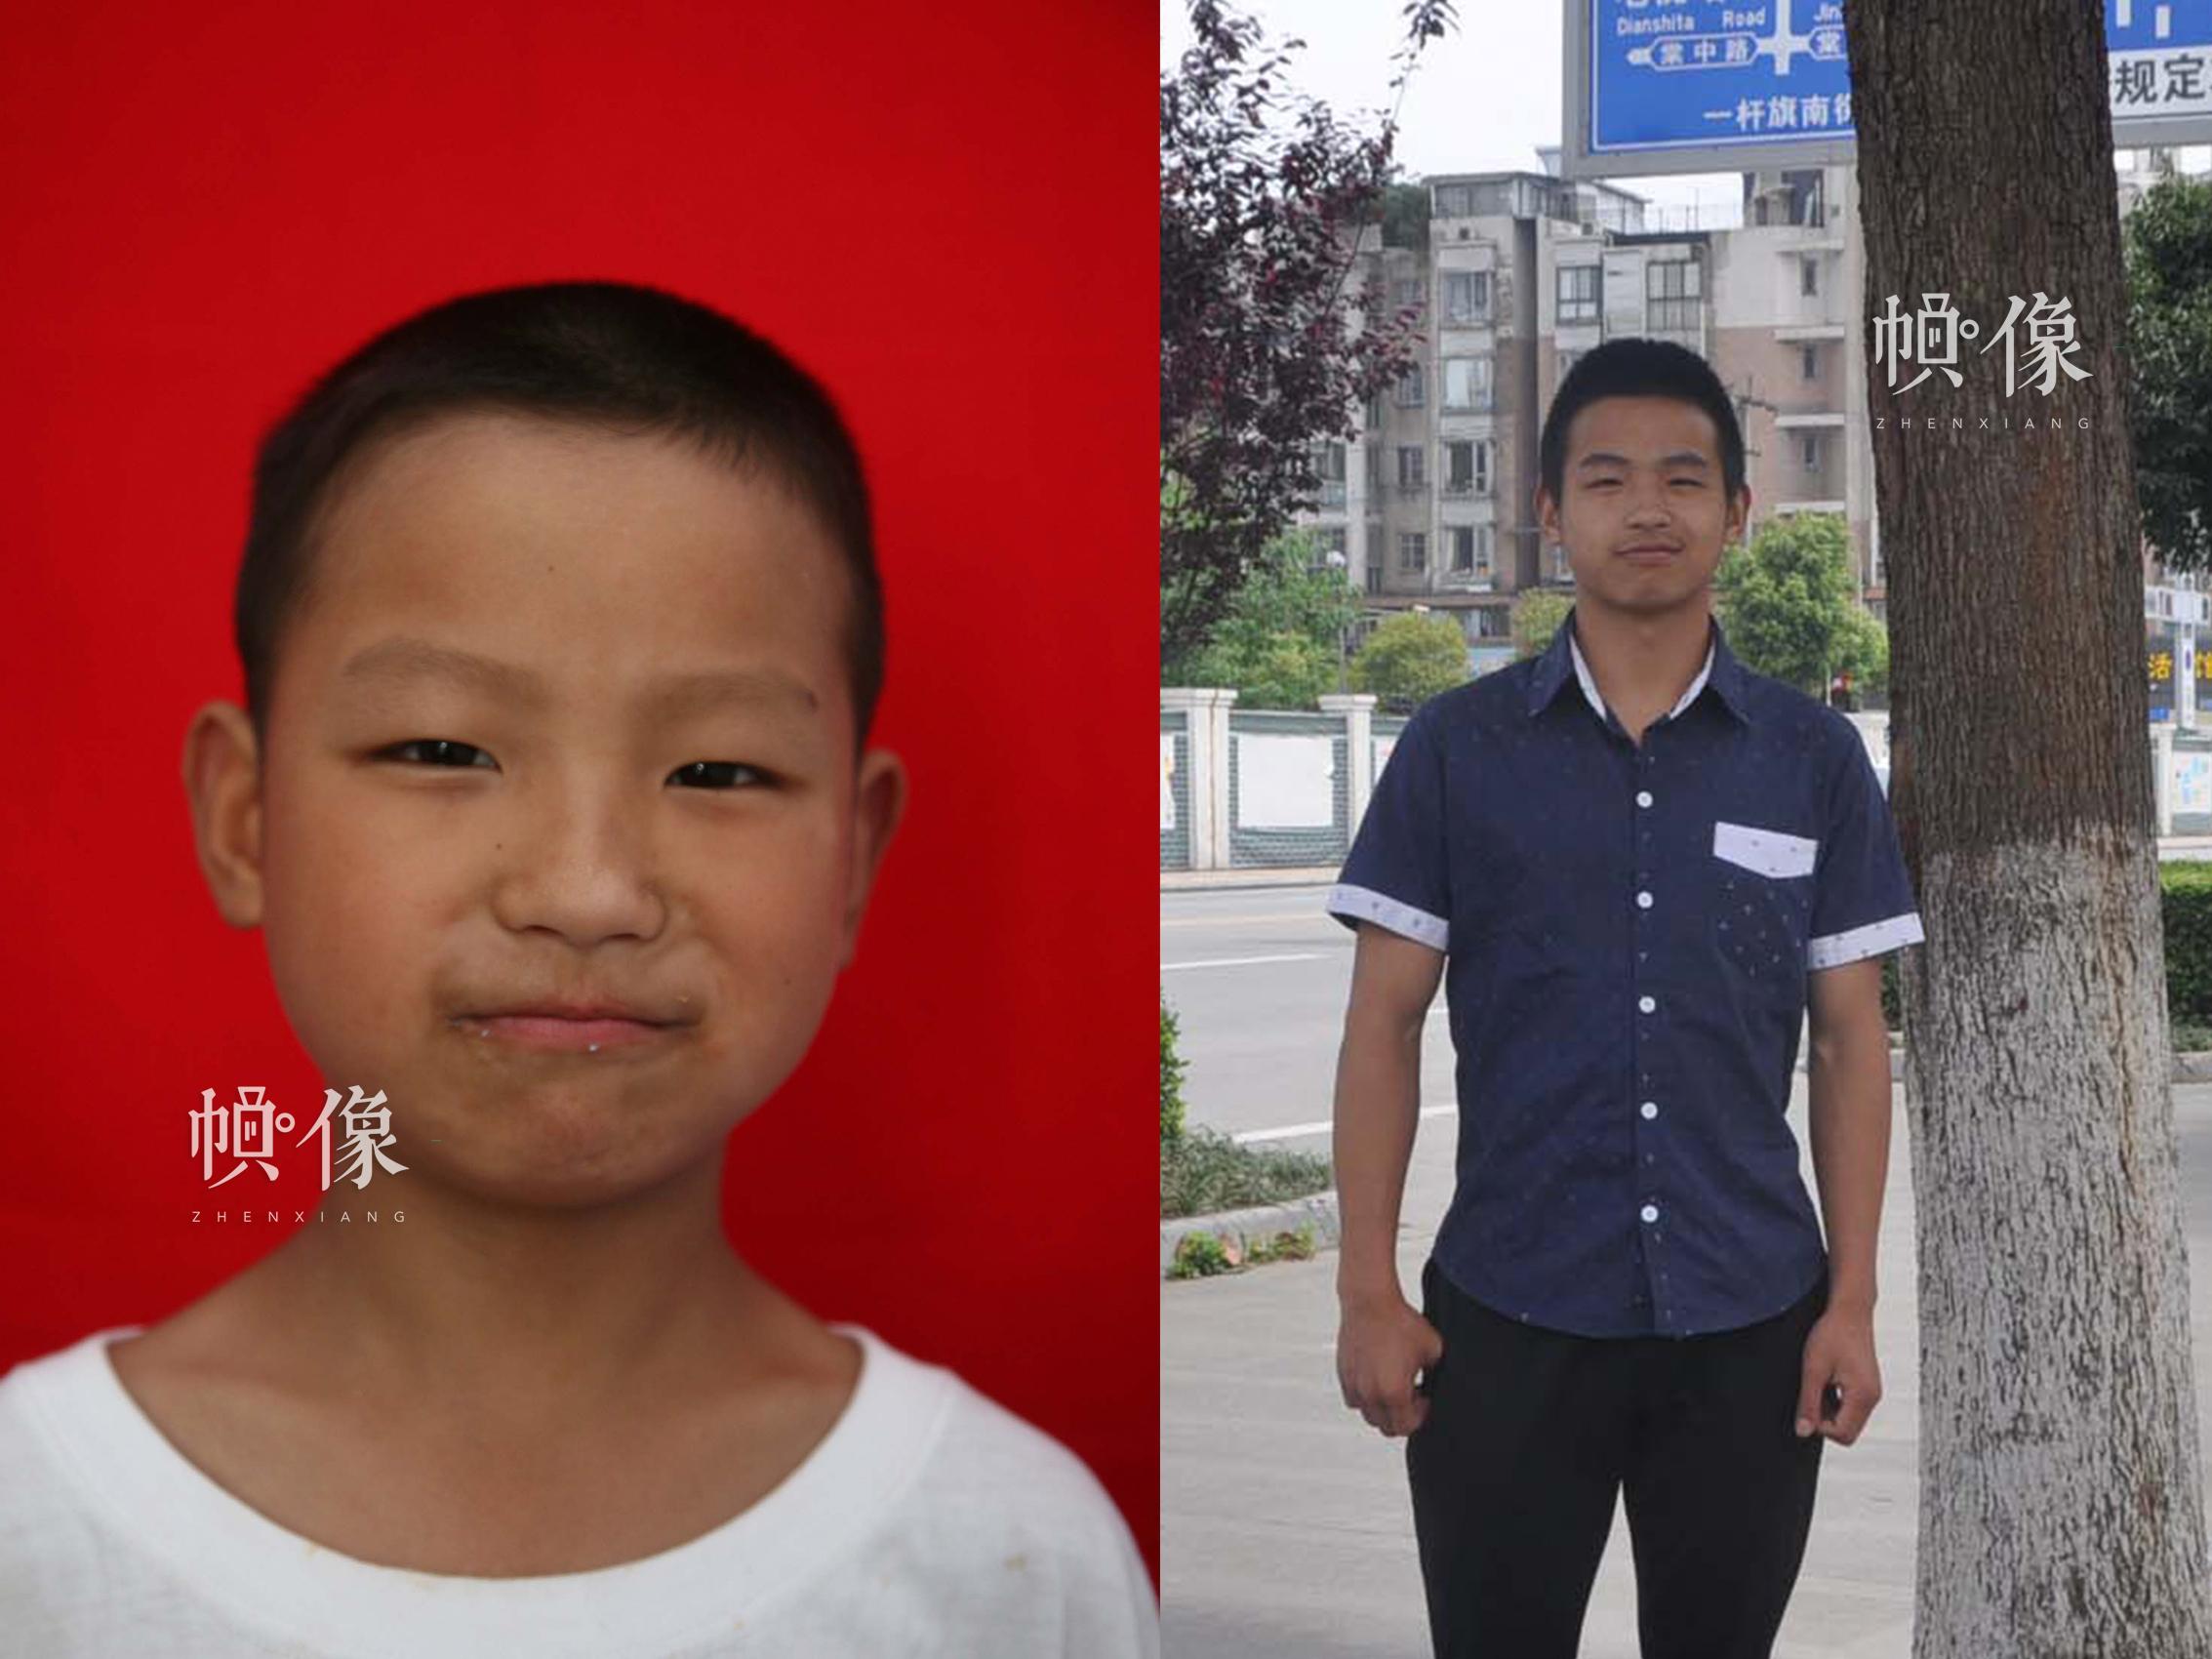 512地震孤兒小華(化名)10年前和現在的對比圖。汶川地震時小華才8歲,災難過後,失去雙親的小華來到了安康家園,現在在棠湖中學讀高二。安康家園供圖